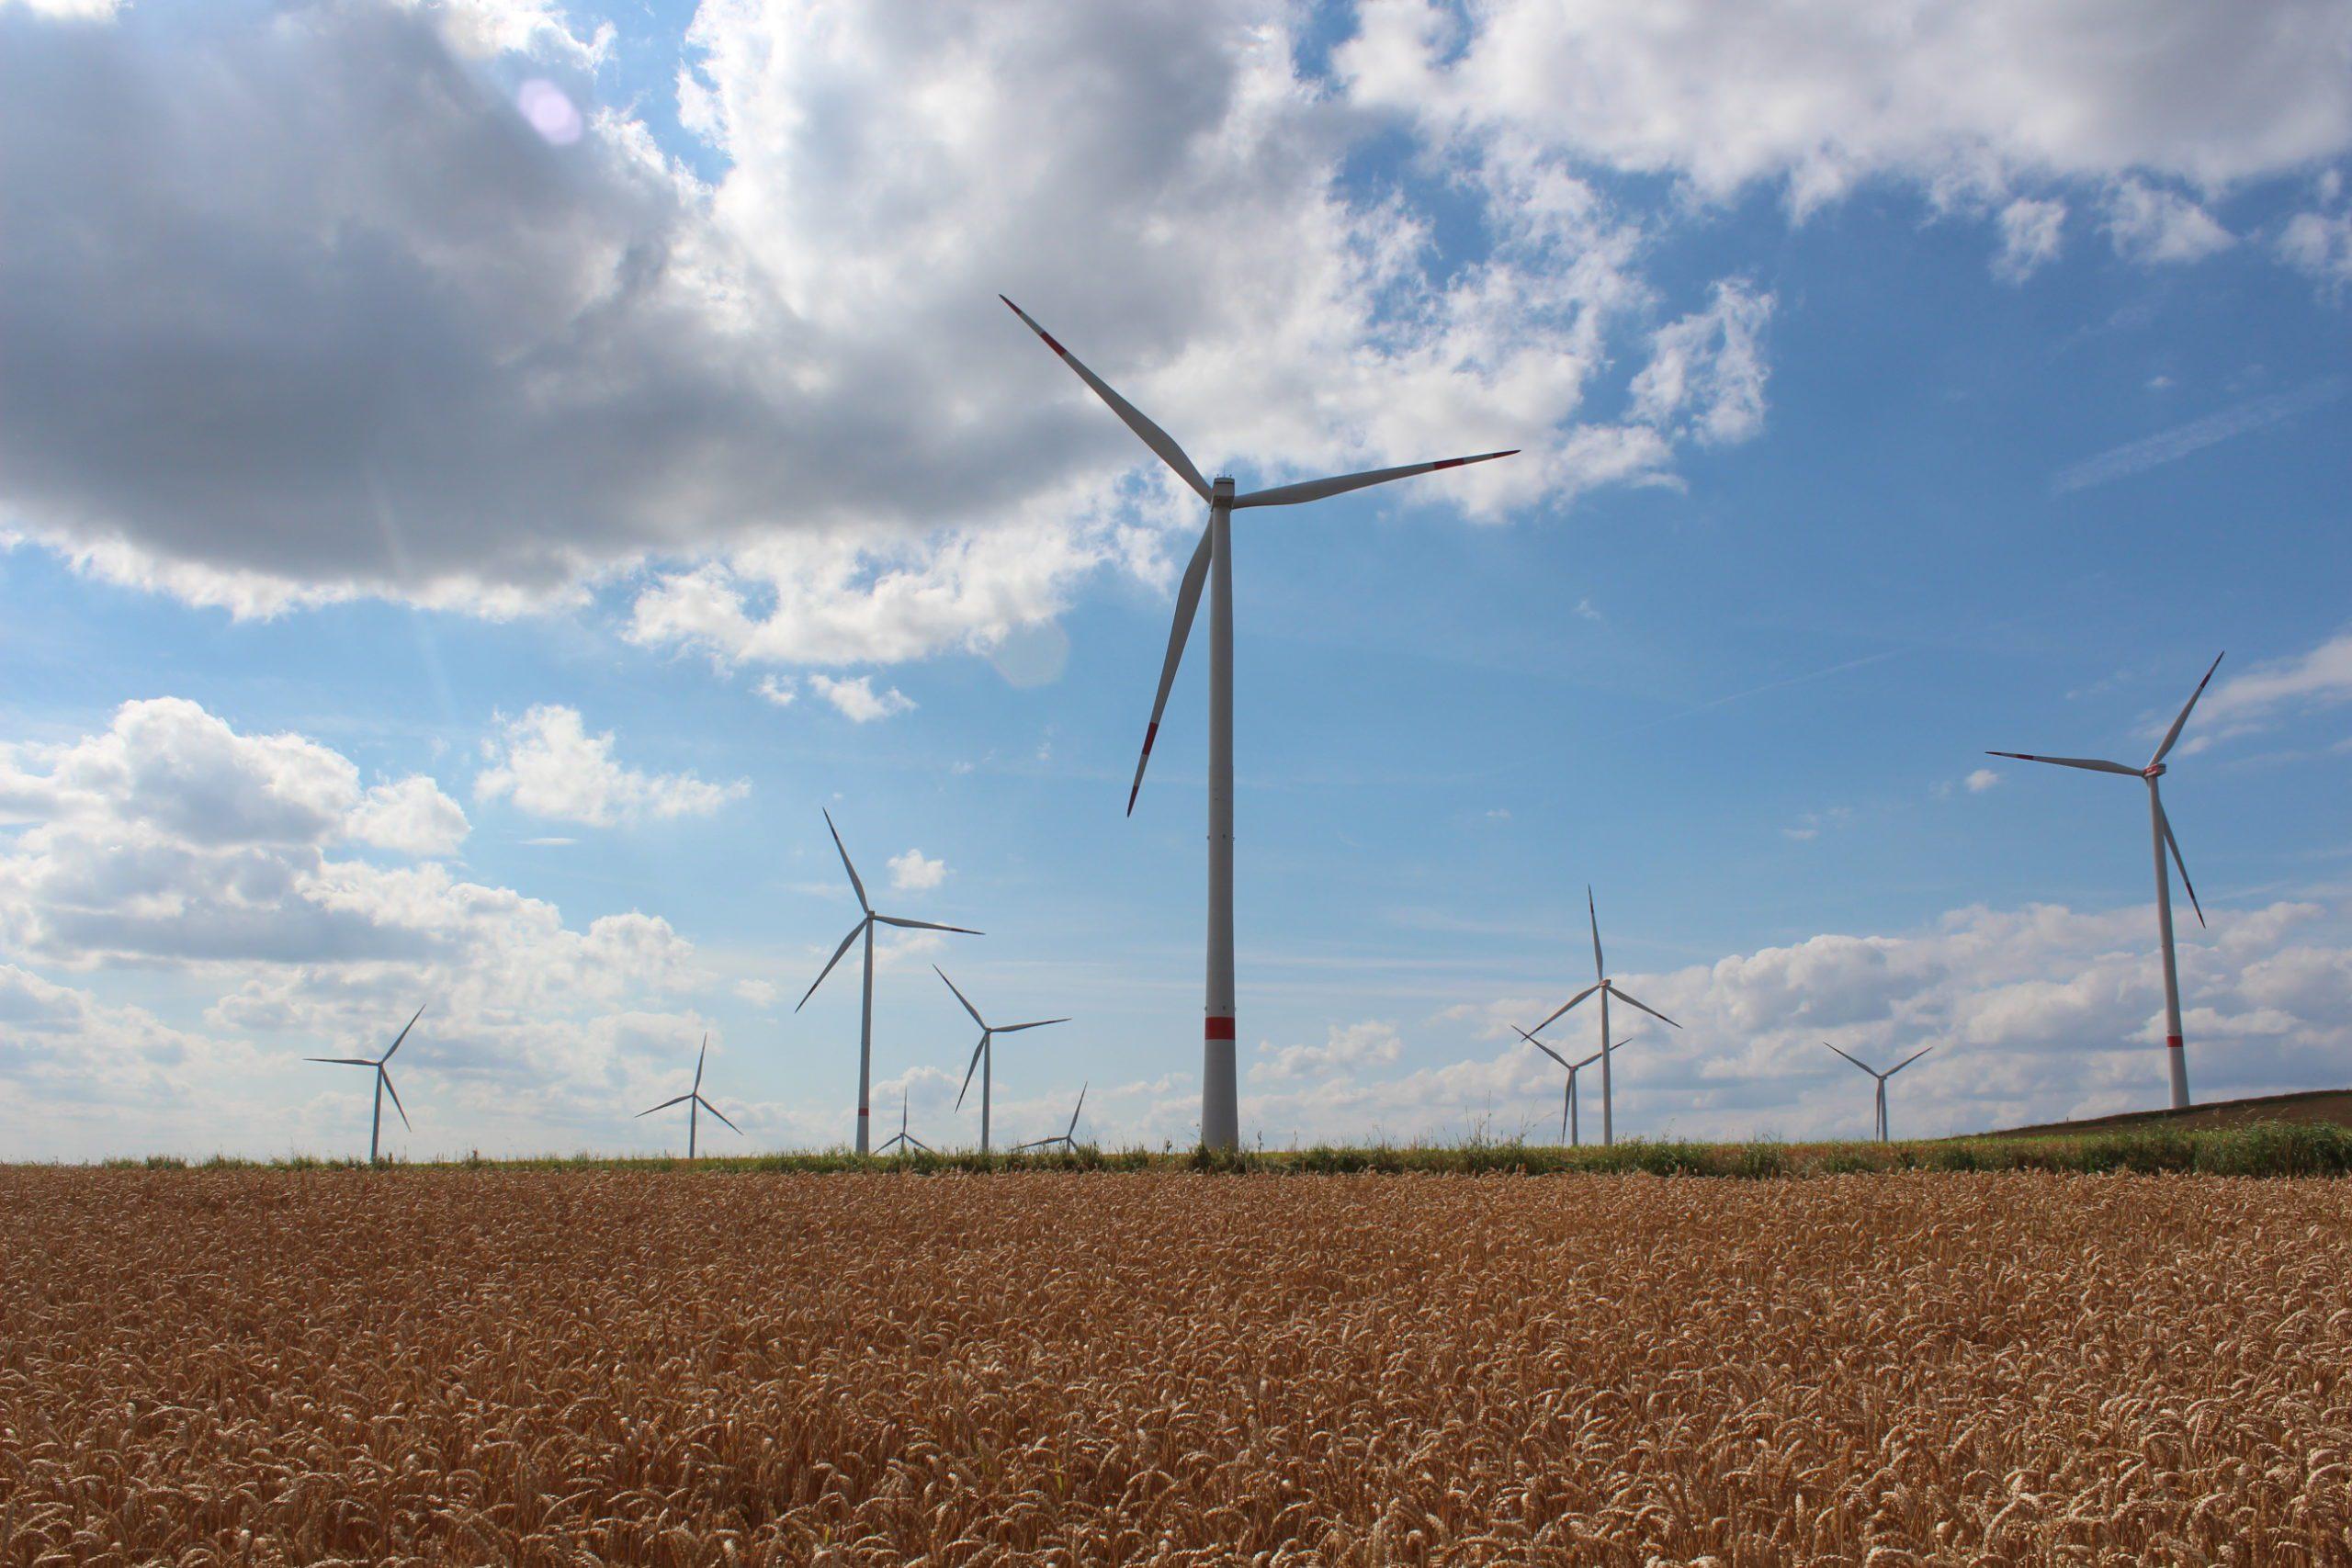 Windenergieanlagen Nußbach (Onshore-Windkraft)